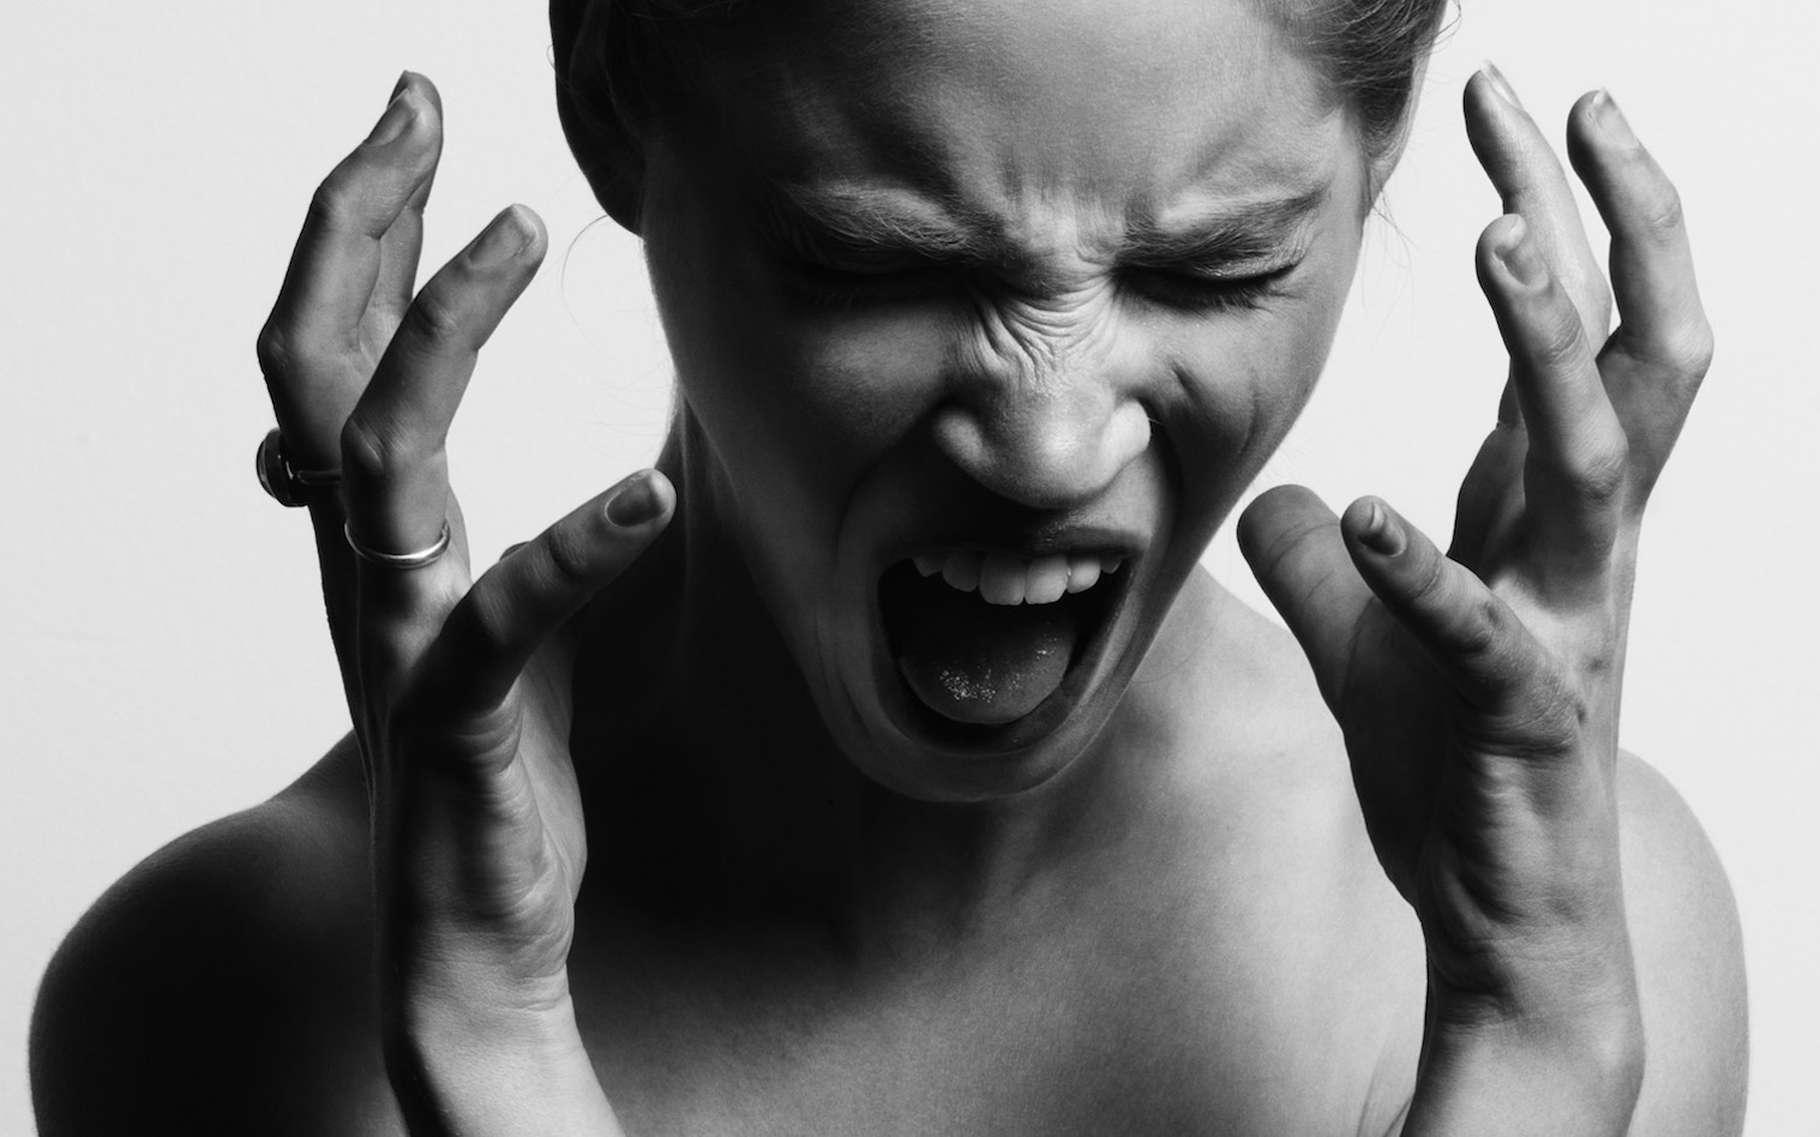 Église et bouddhisme sont au moins d'accord sur un point : il faut fuir le sentiment de colère. Les scientifiques, eux, ne sont pas aussi catégoriques. © Gabriel Matula, Unsplash